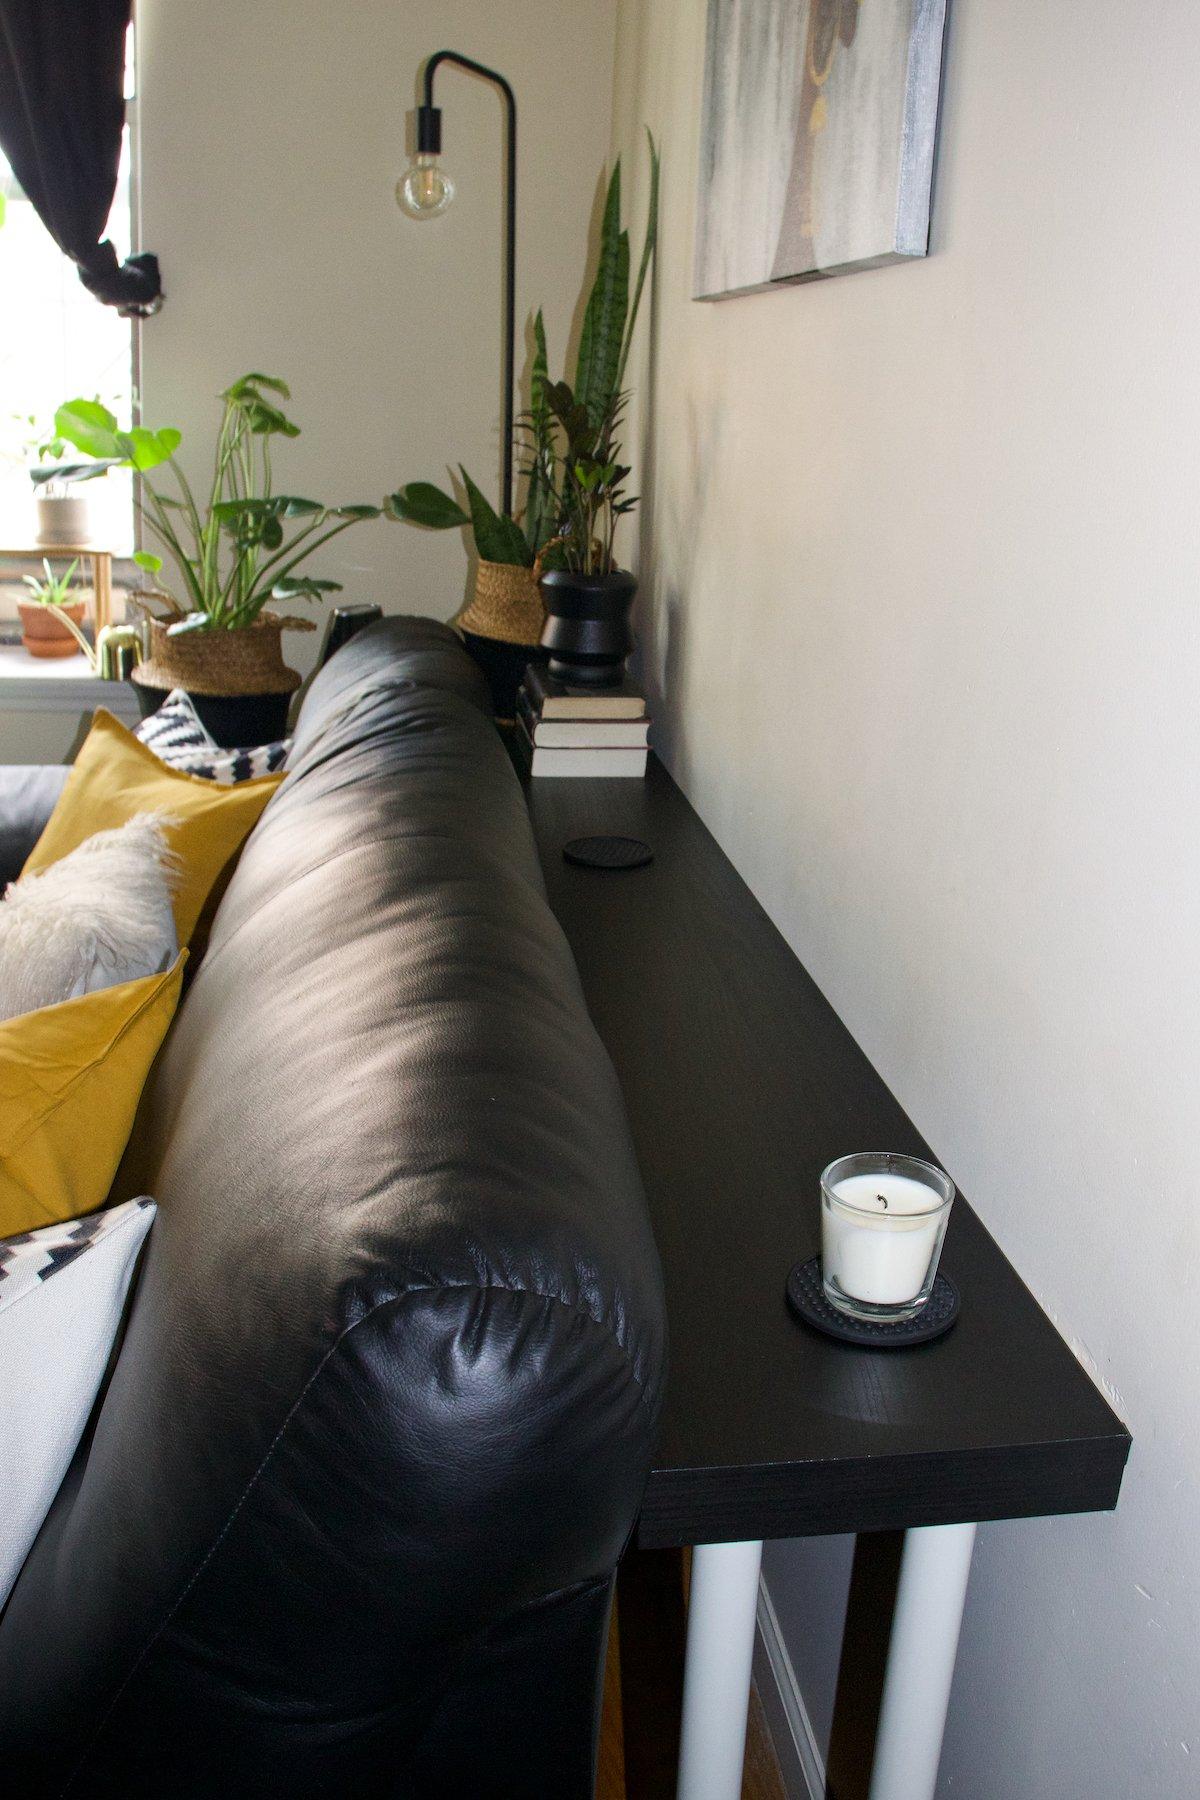 Ikea Lack Shelf Sofa Table